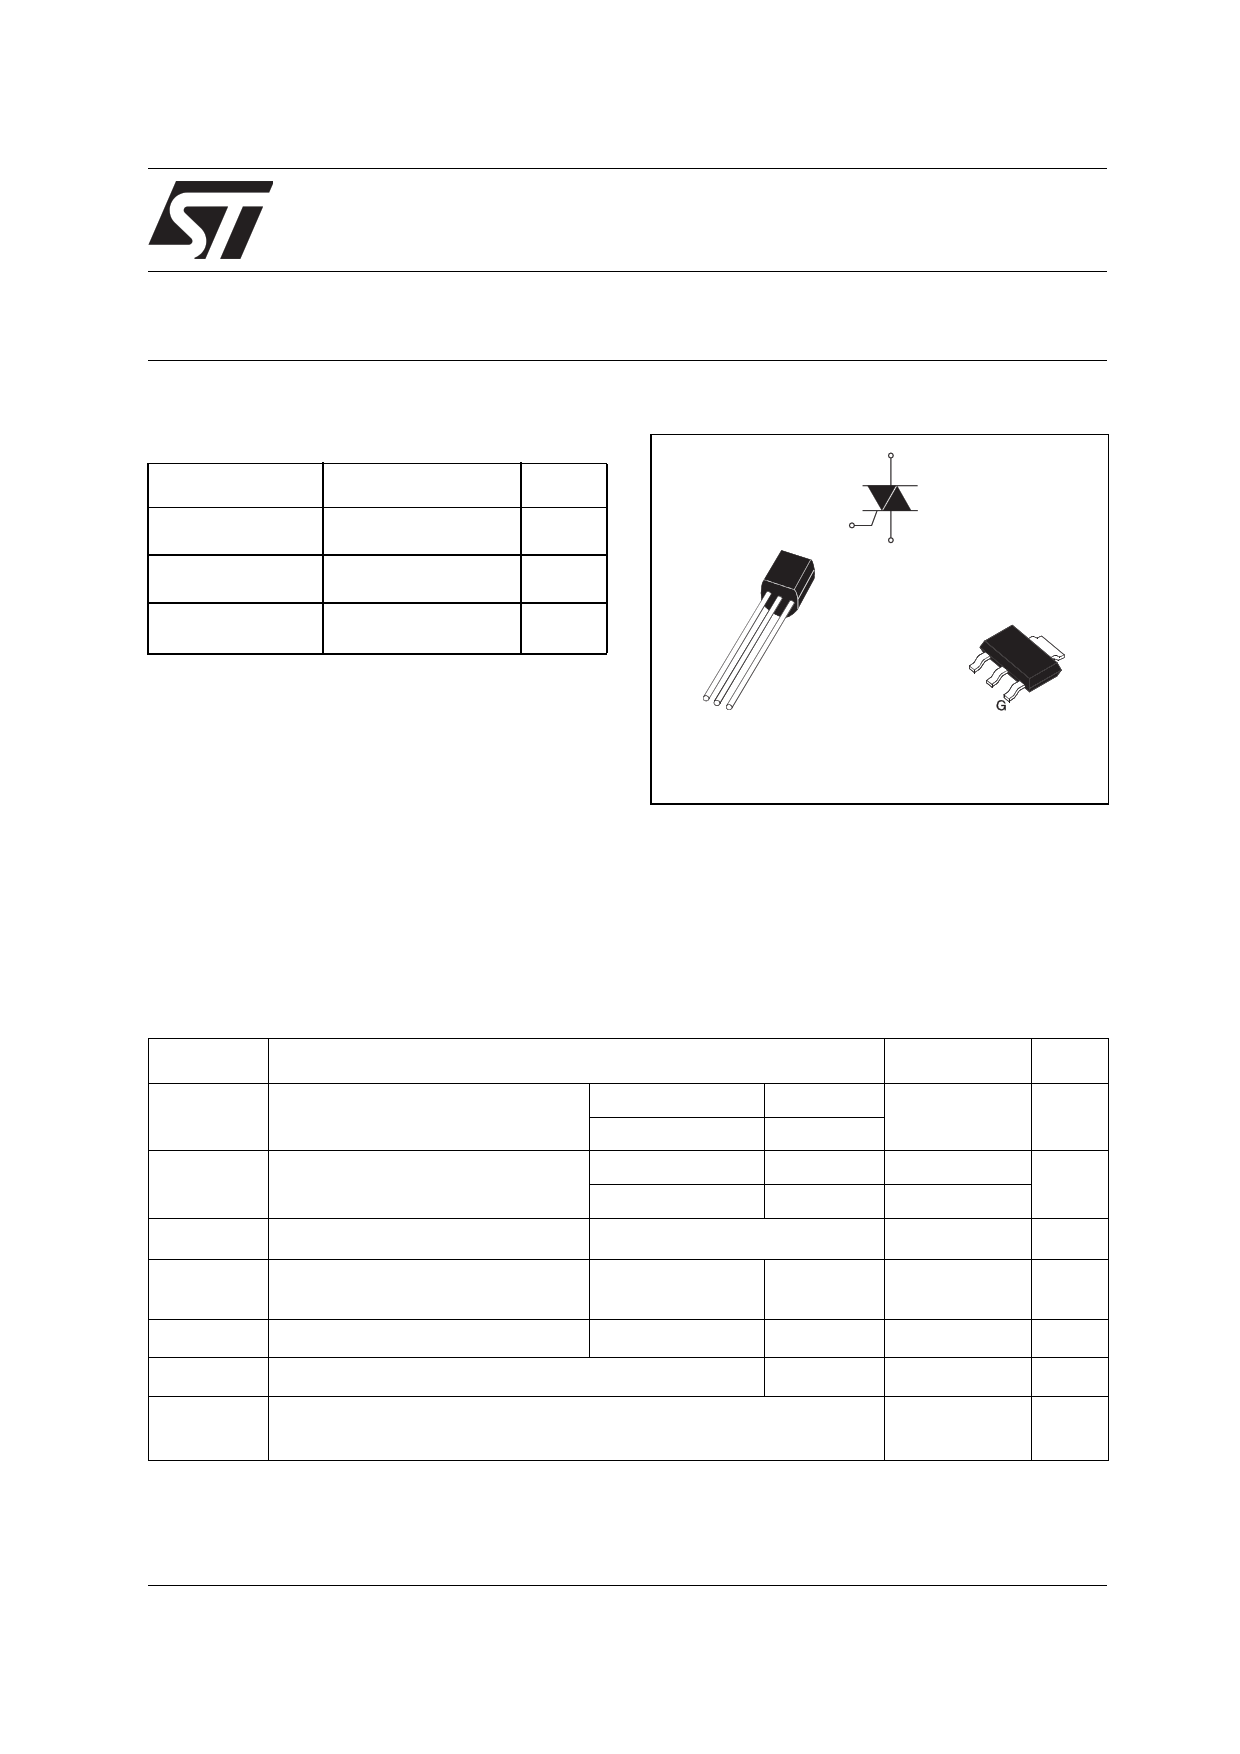 Z0107NN5AA4 datasheet